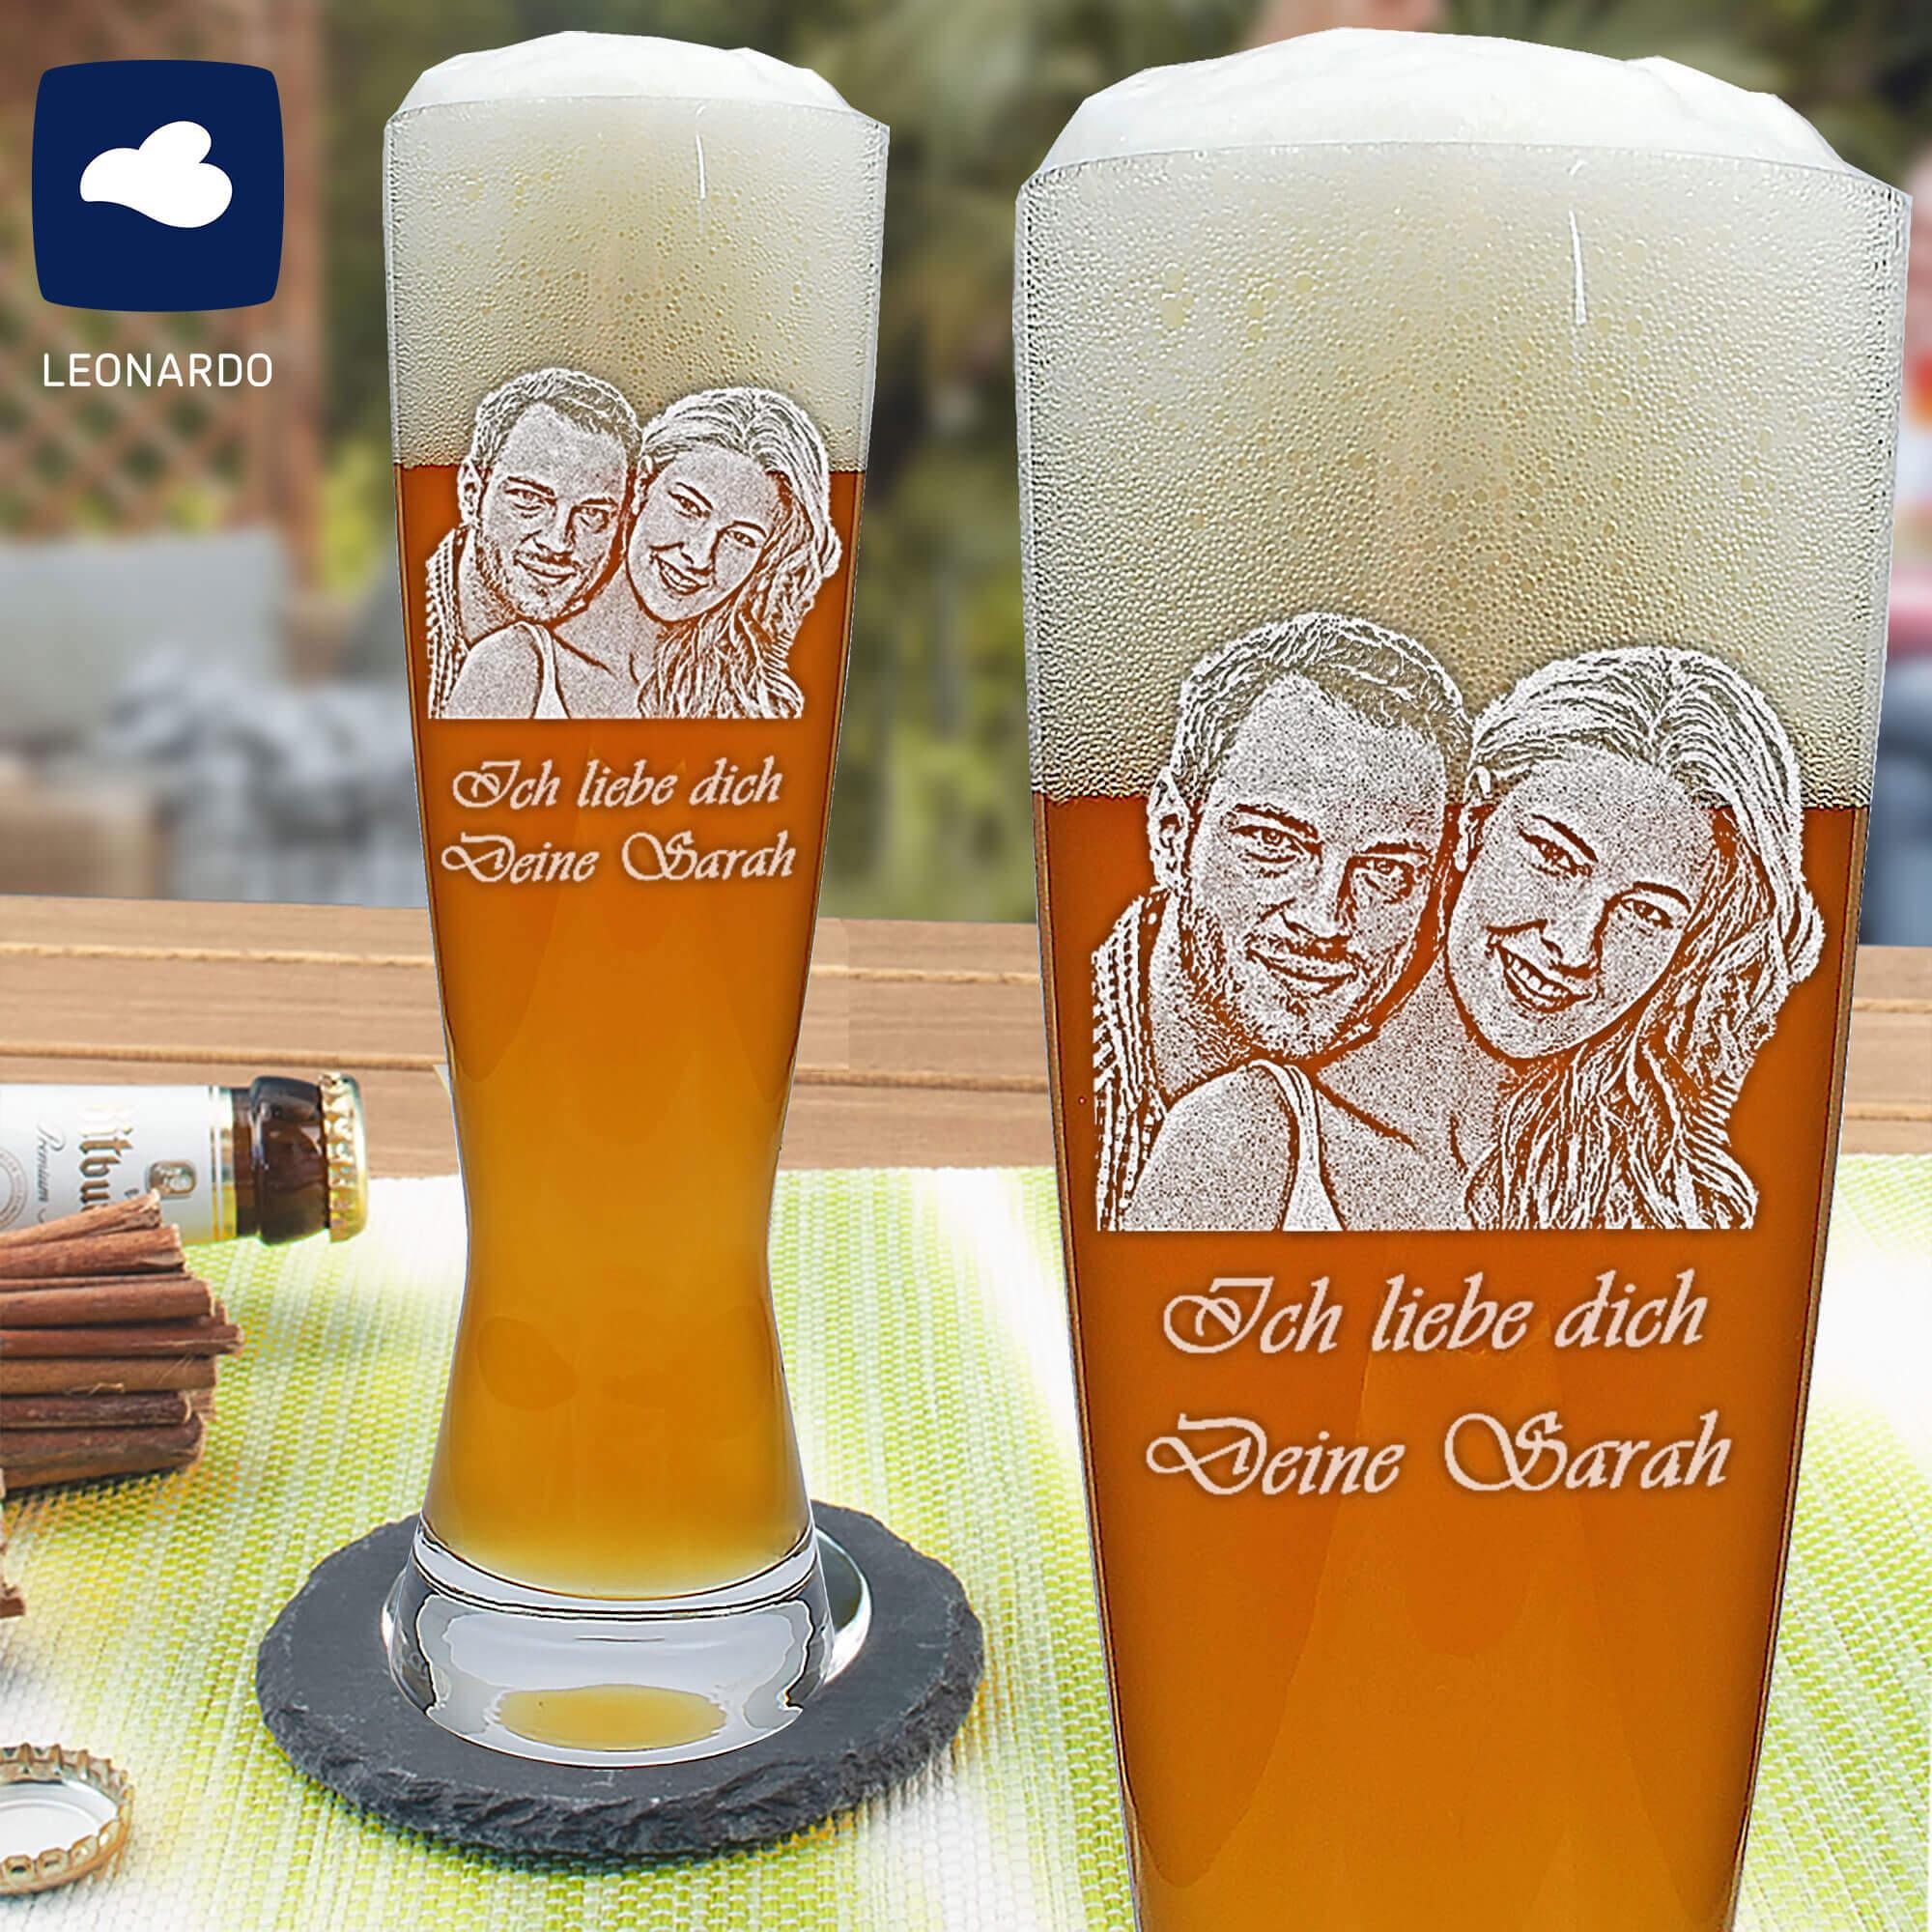 Weizenbierglas mit Fotogravur